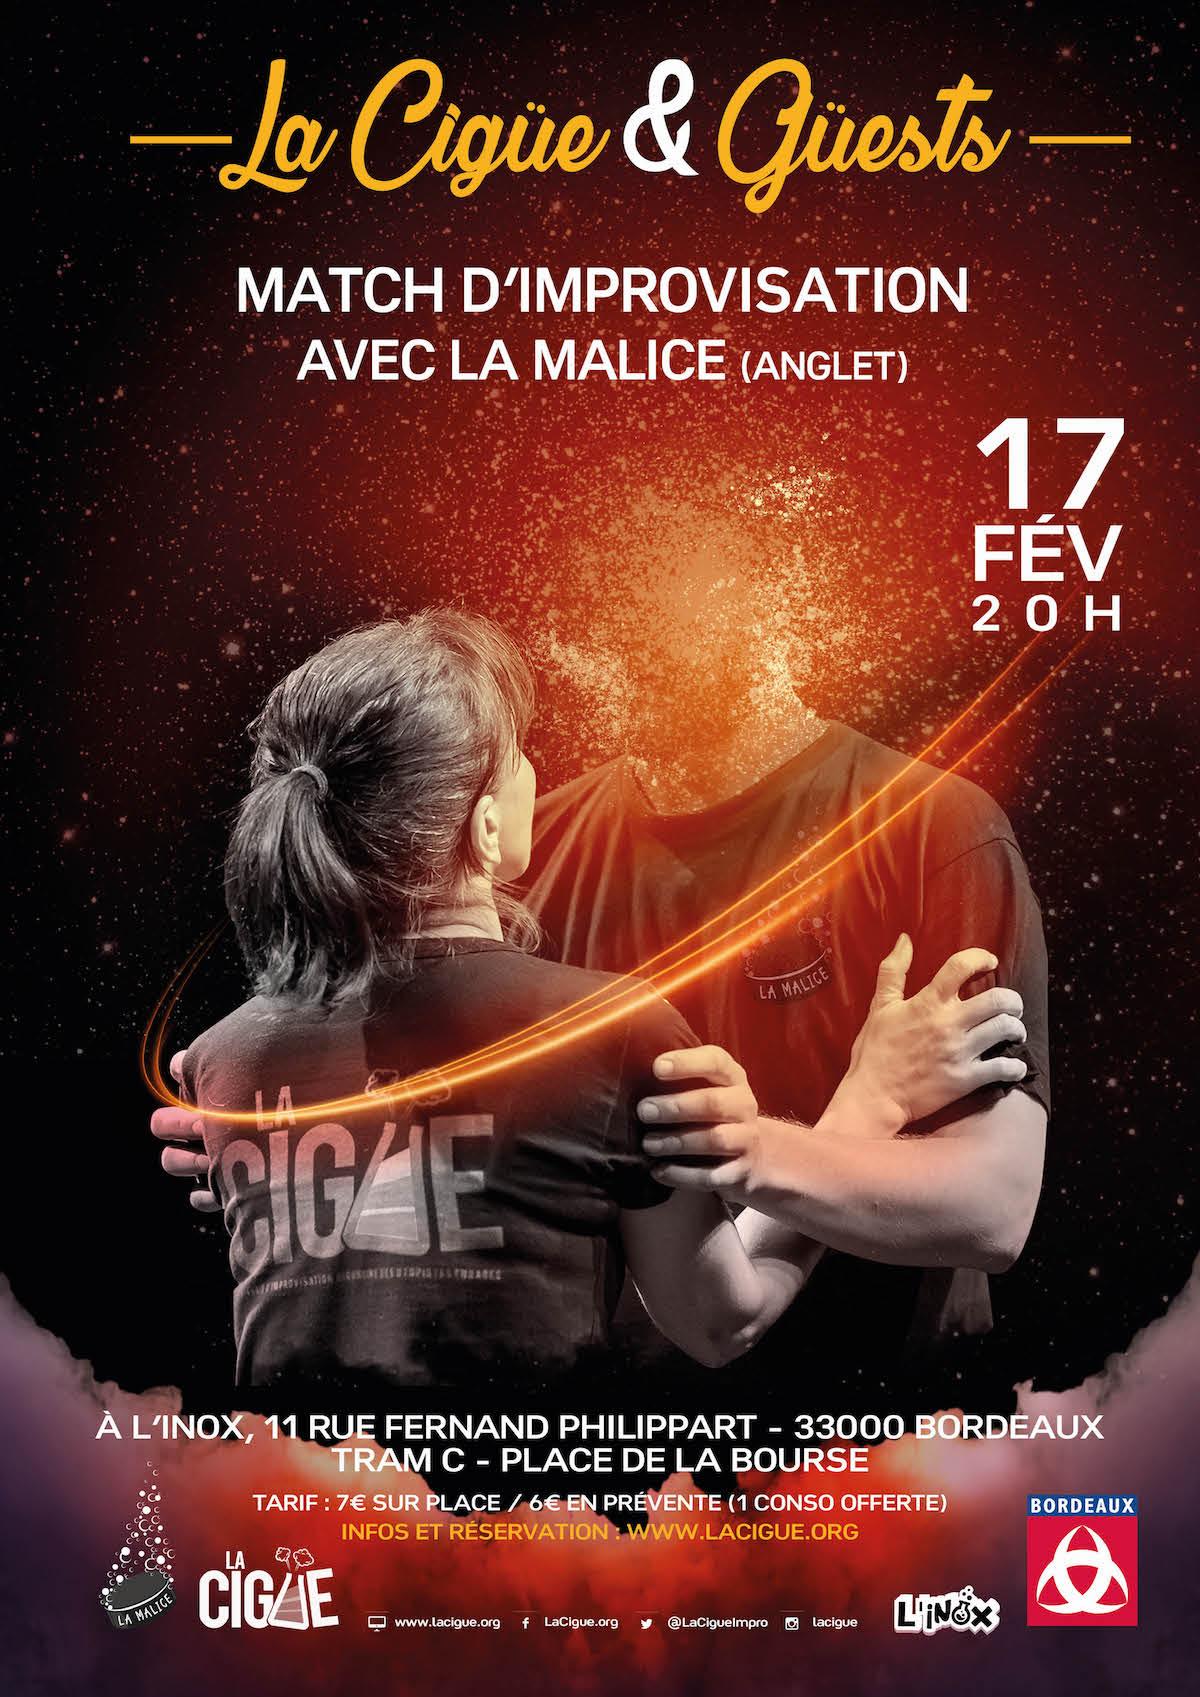 La Cigüe & Güests # 1 – Match d'impro La Cigüe vs La Malice Anglet